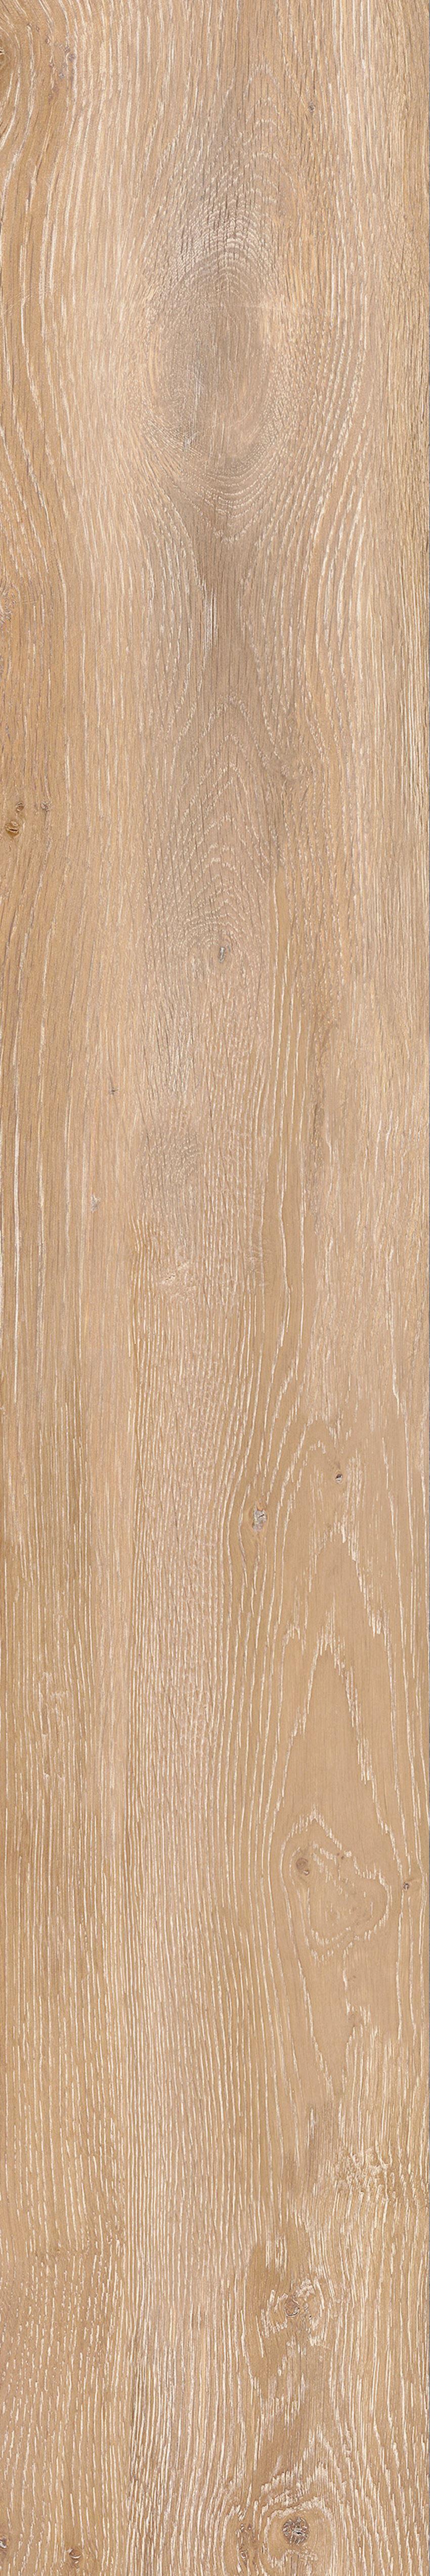 Płytka ścienno-podłogowa Cerrad Libero beige 46217 5